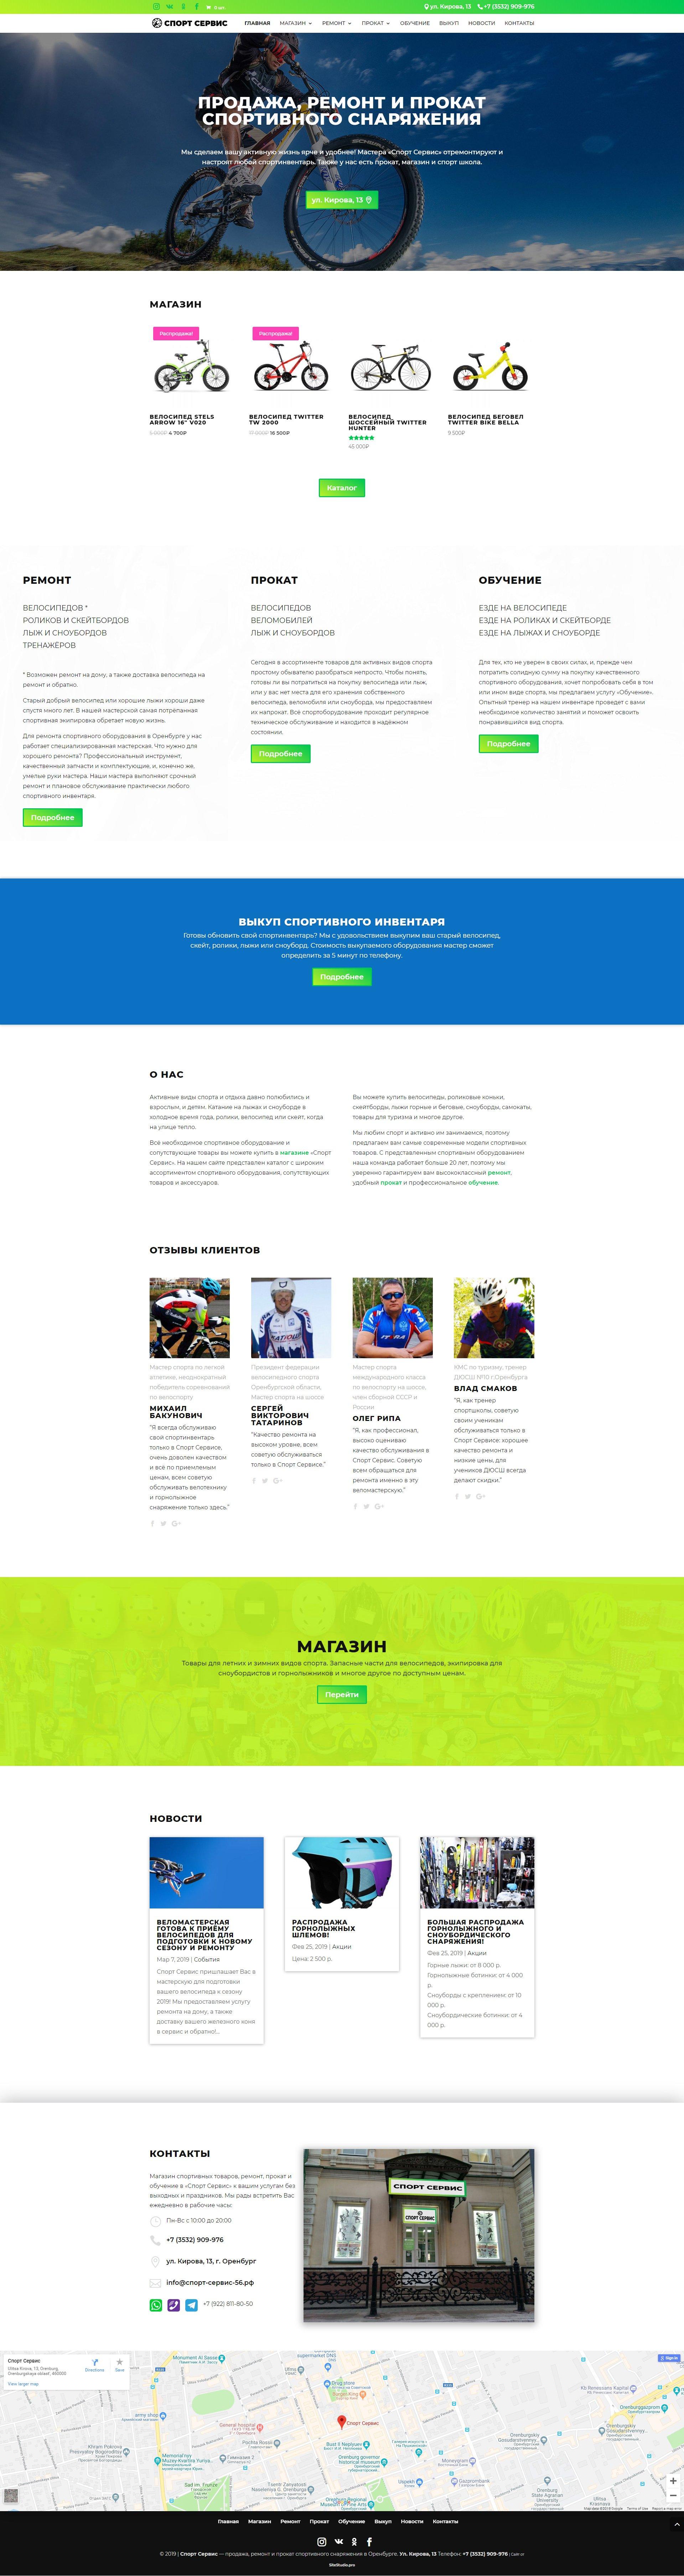 Создание сайта Спорт Сервис в Сайт Студио Про